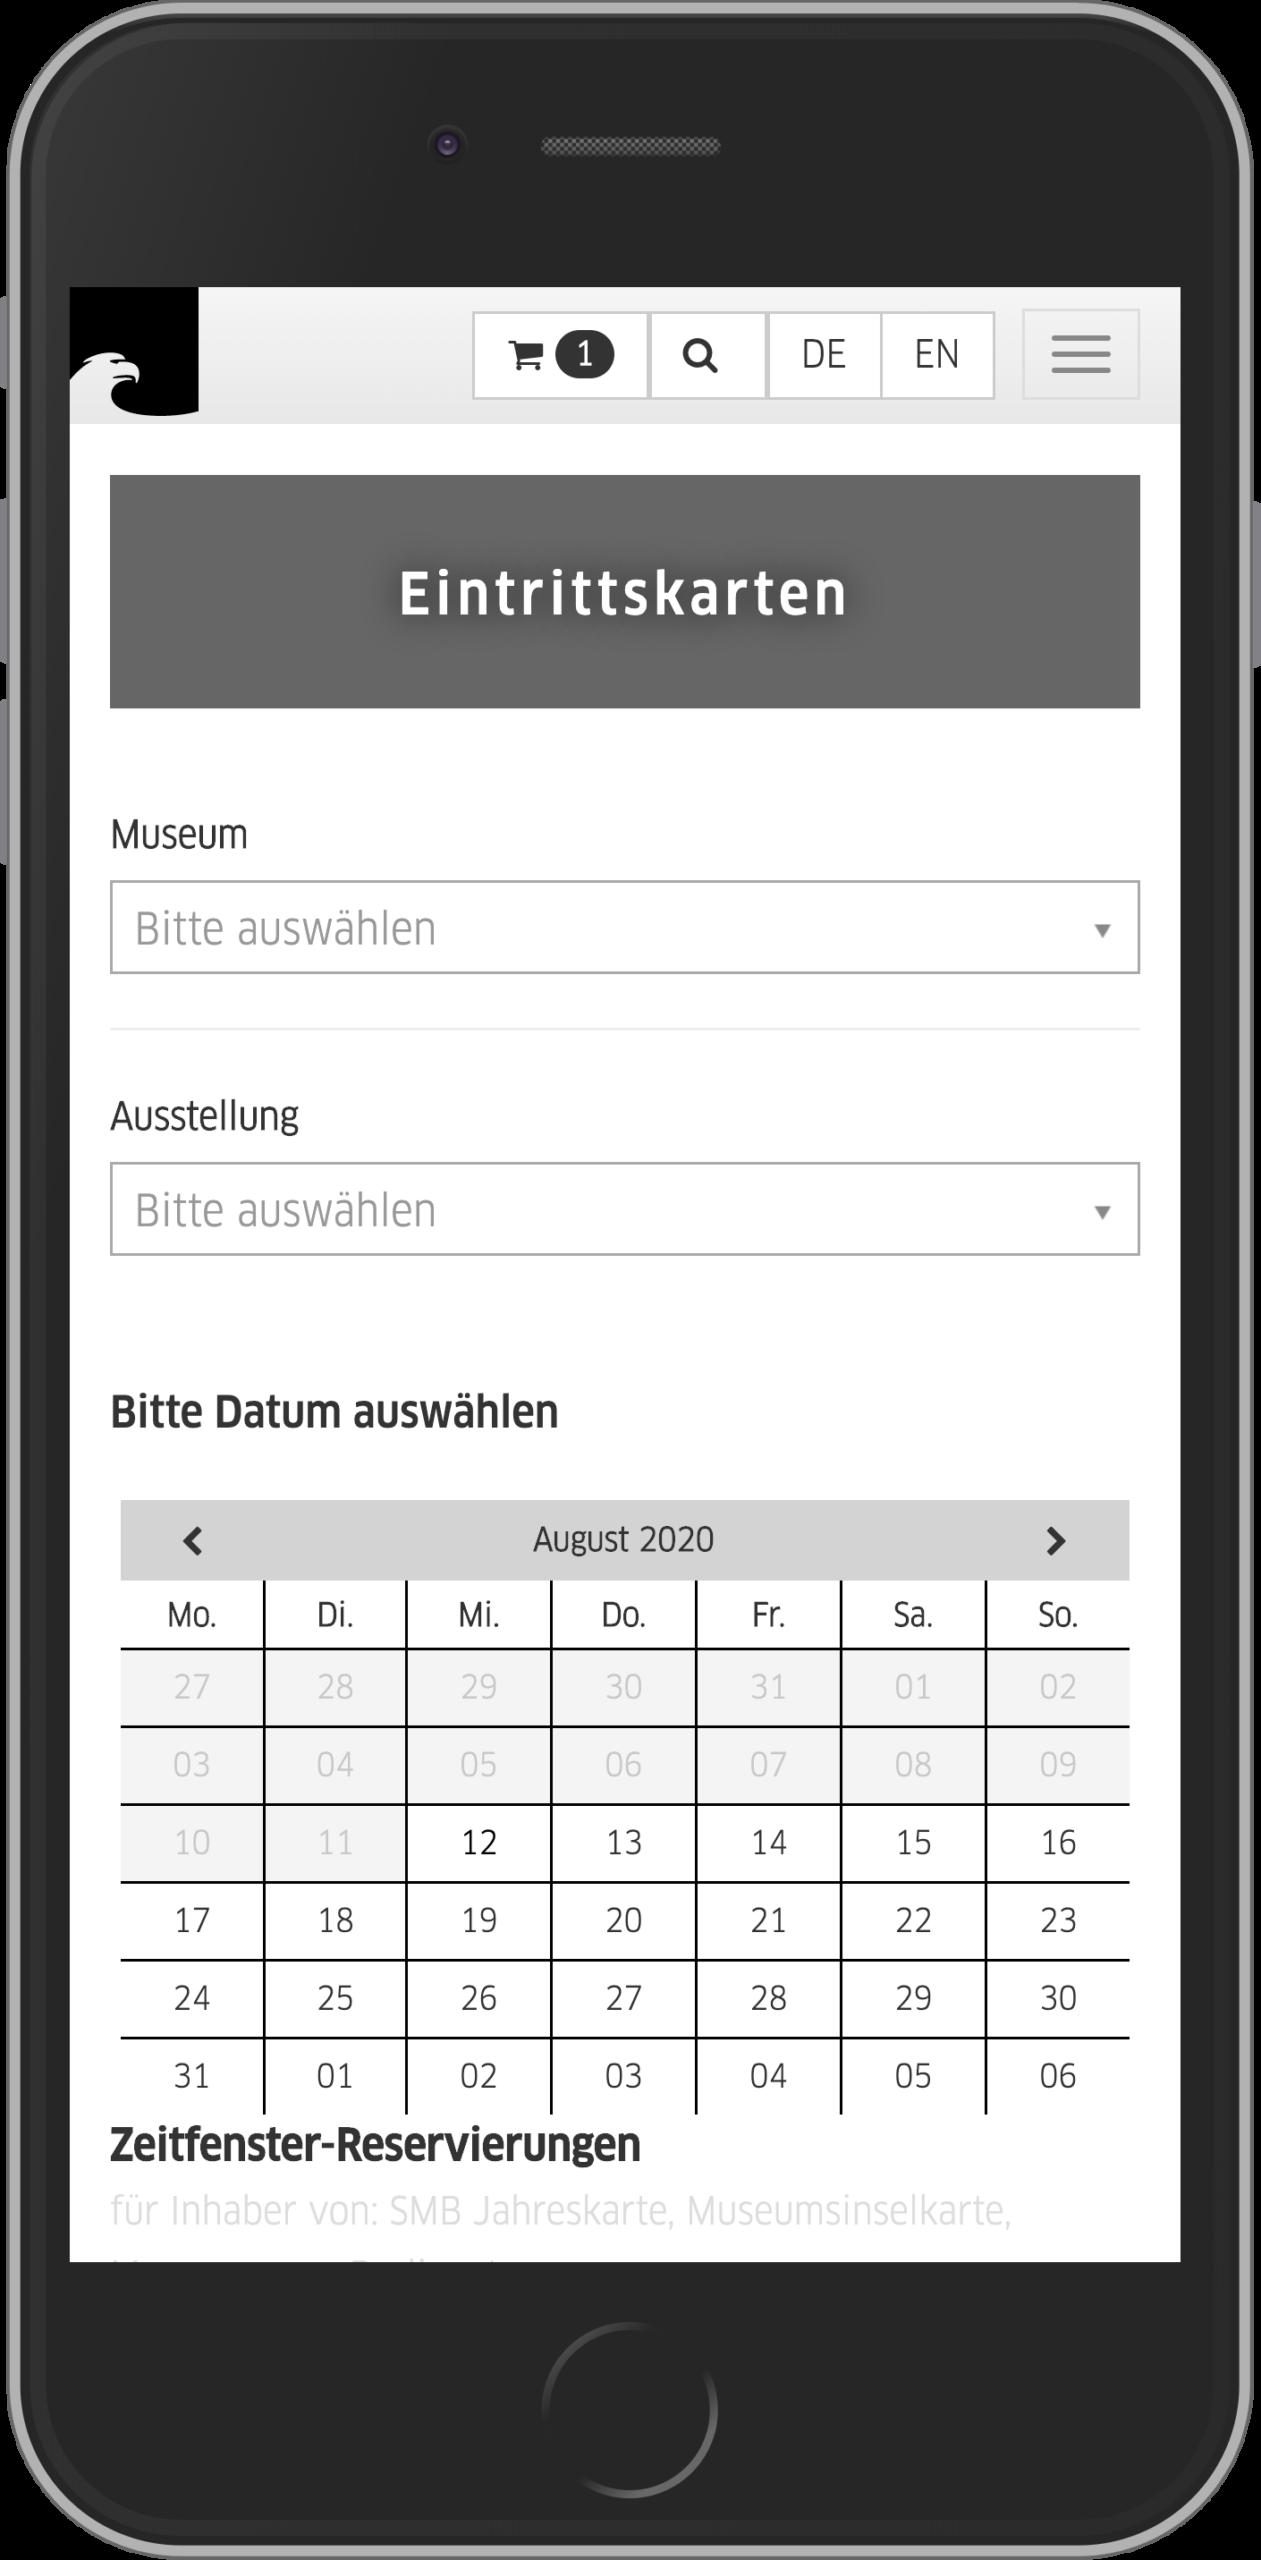 Mobile Ansicht des Museums- und Ausstellungsfilters im Online Shop der Staatlichen Museen zu Berlin